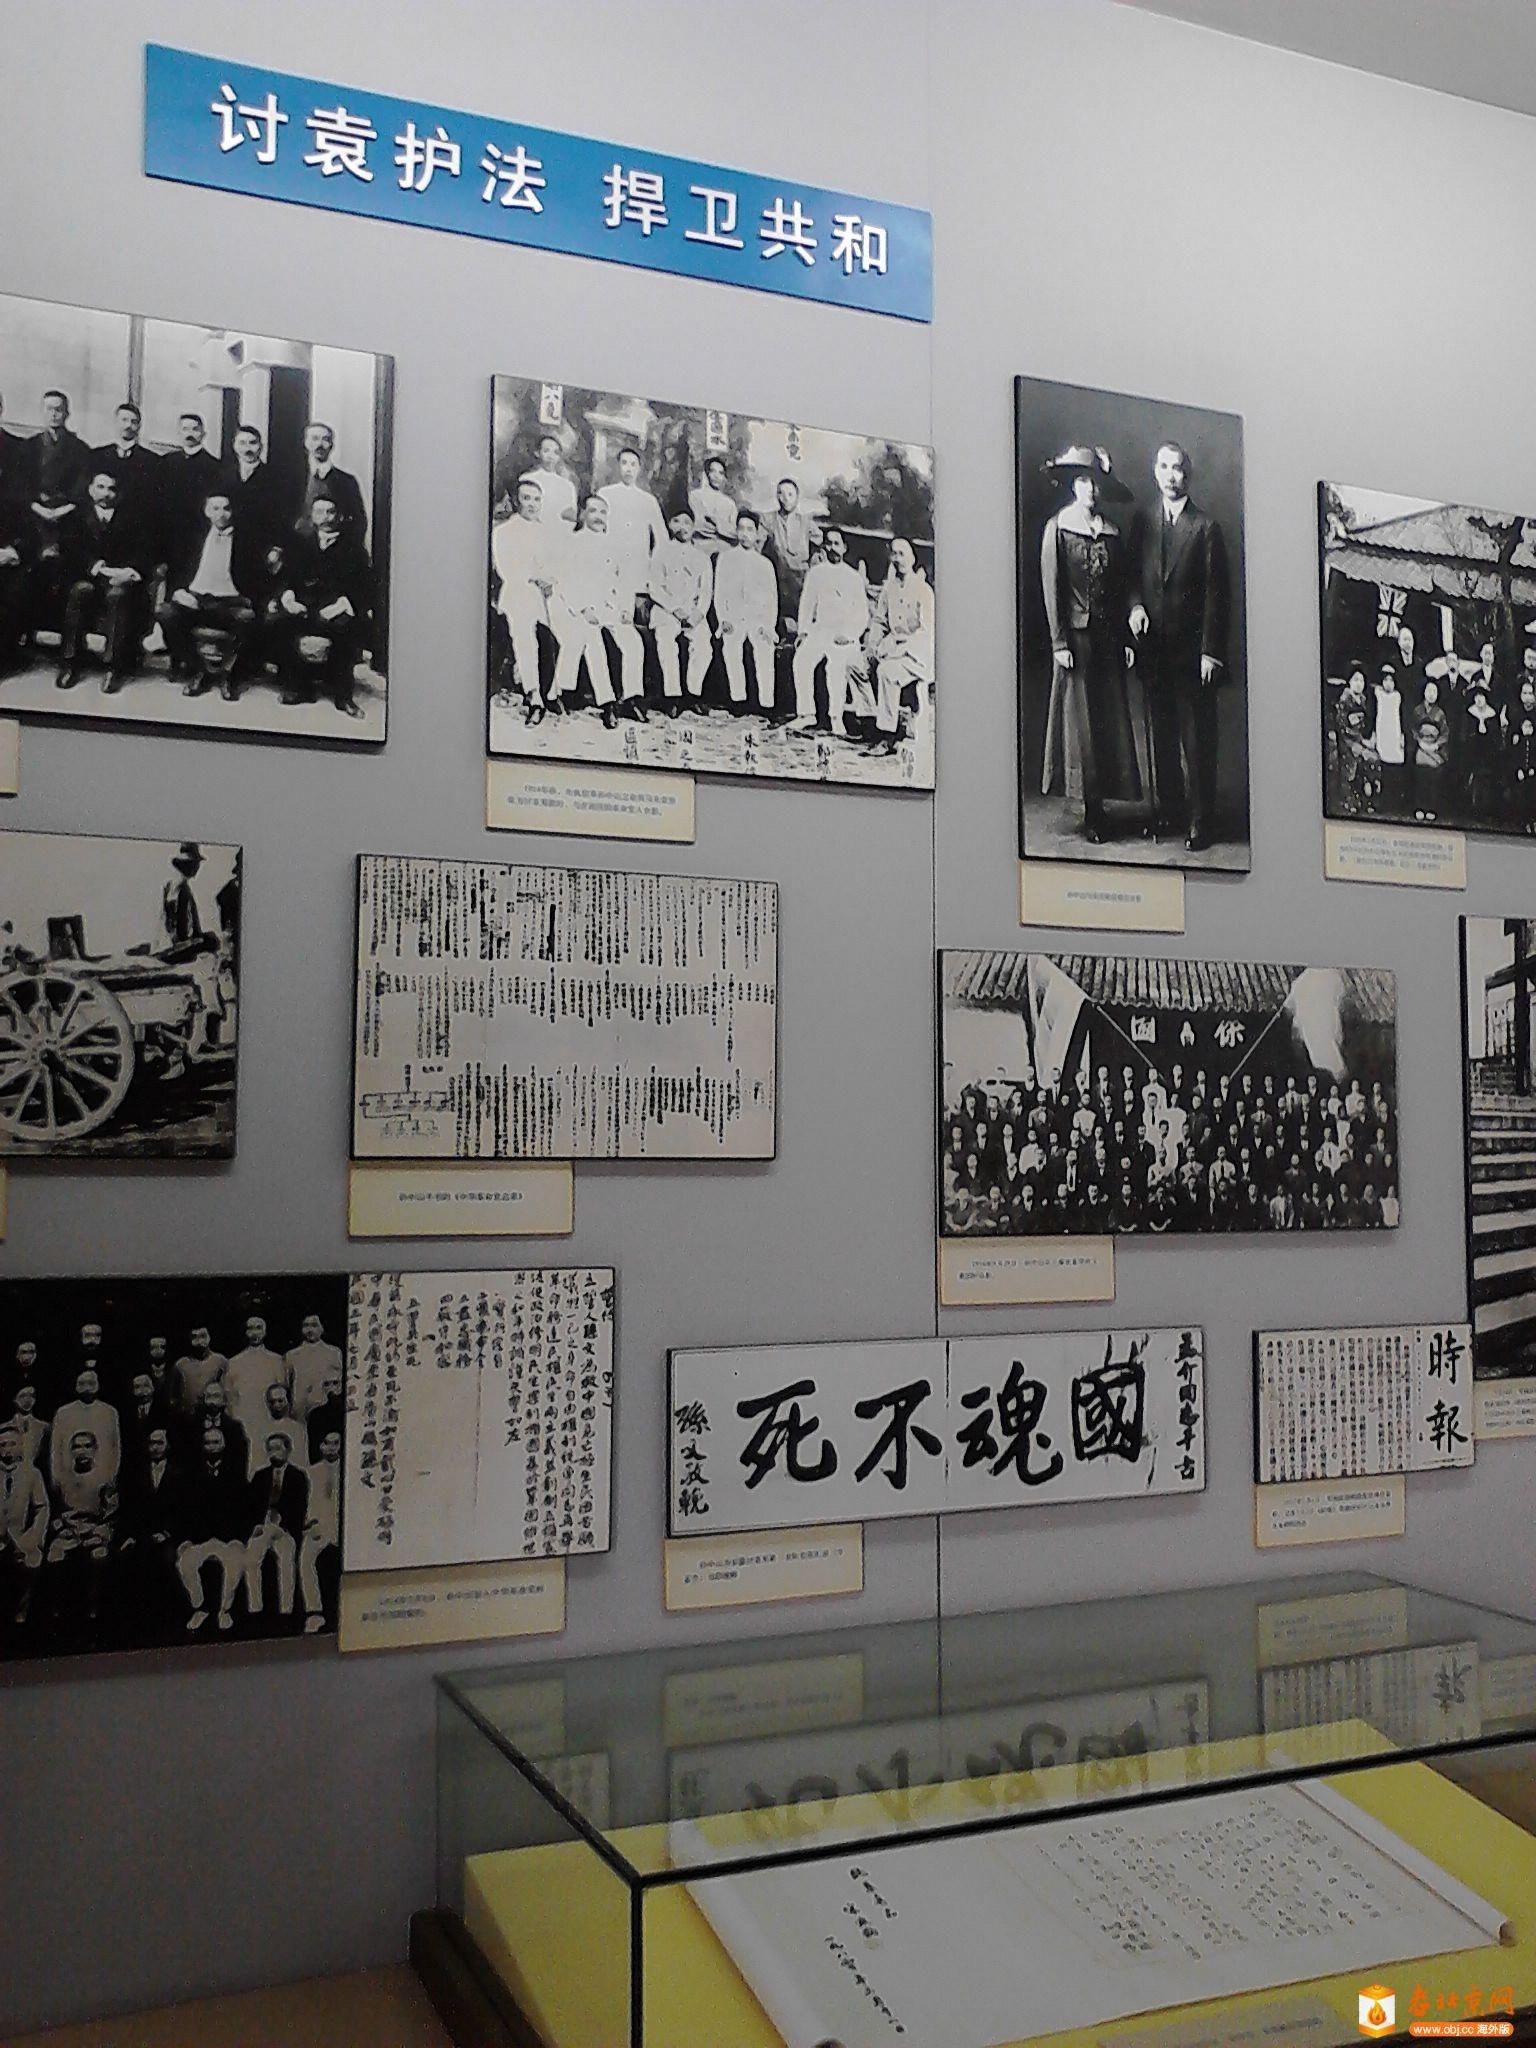 exhibitionperiod5091506480reformationphto.jpg